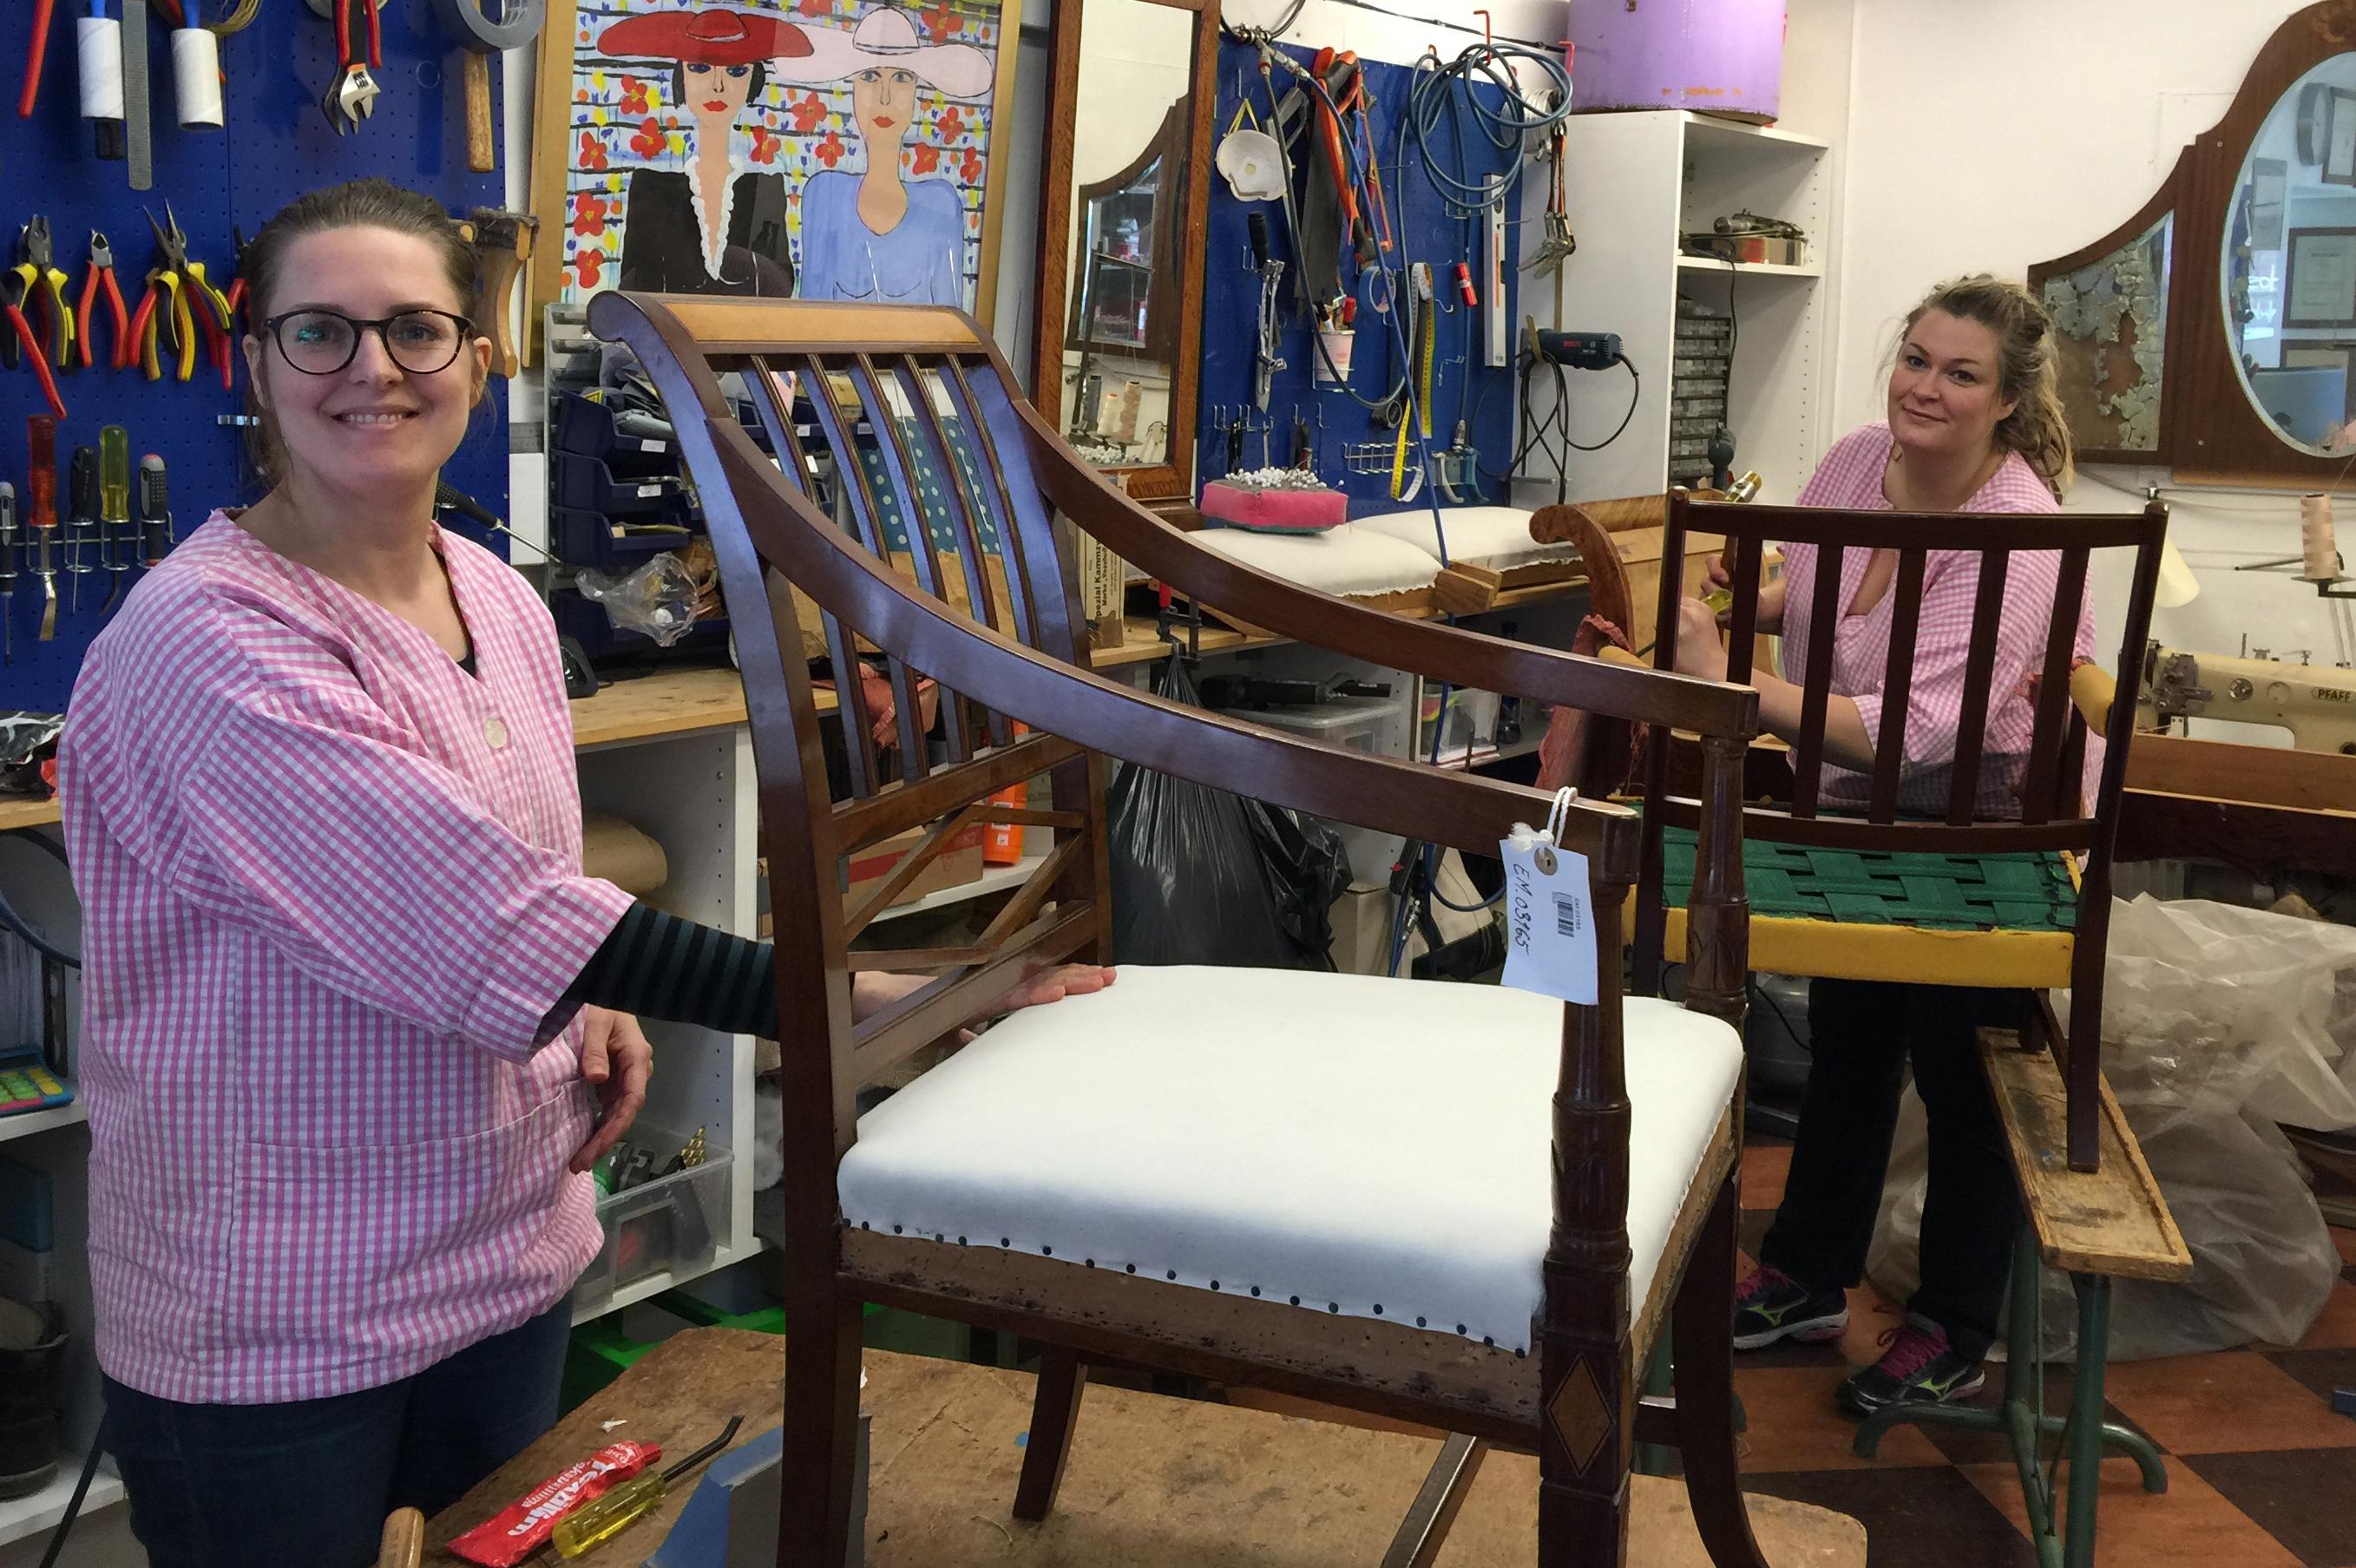 Marie og Charlotta i full sving med møbeltapetsering hos Inger Eide. Marie t.v. er nå ferdig svenn etter 3 1/2 års opplæring